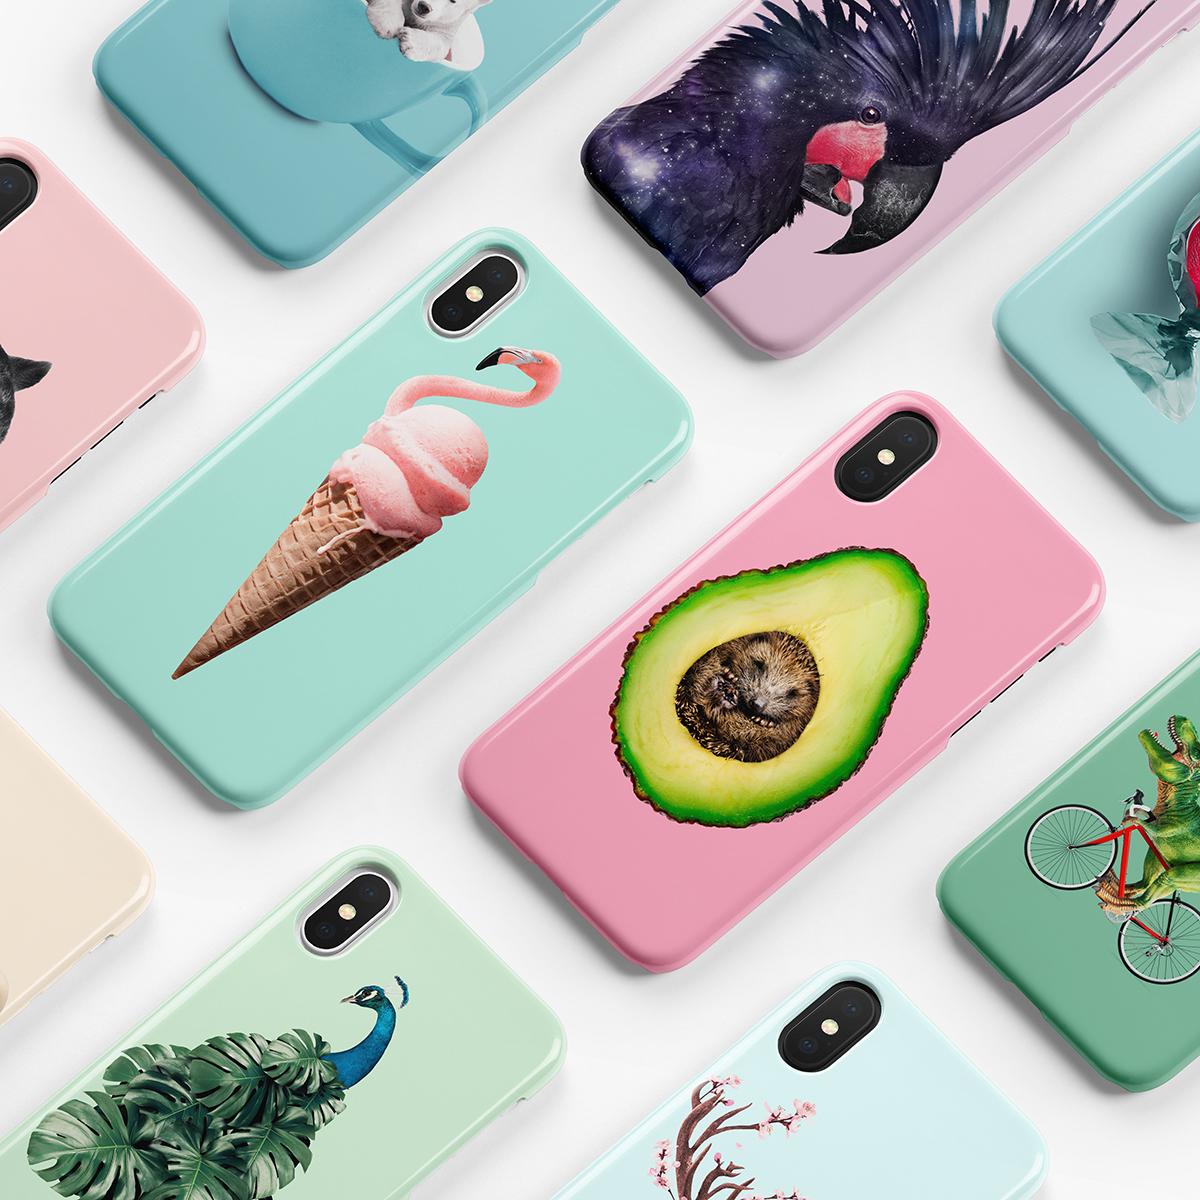 Handyhüllen - iPhone, Samsung Galaxy